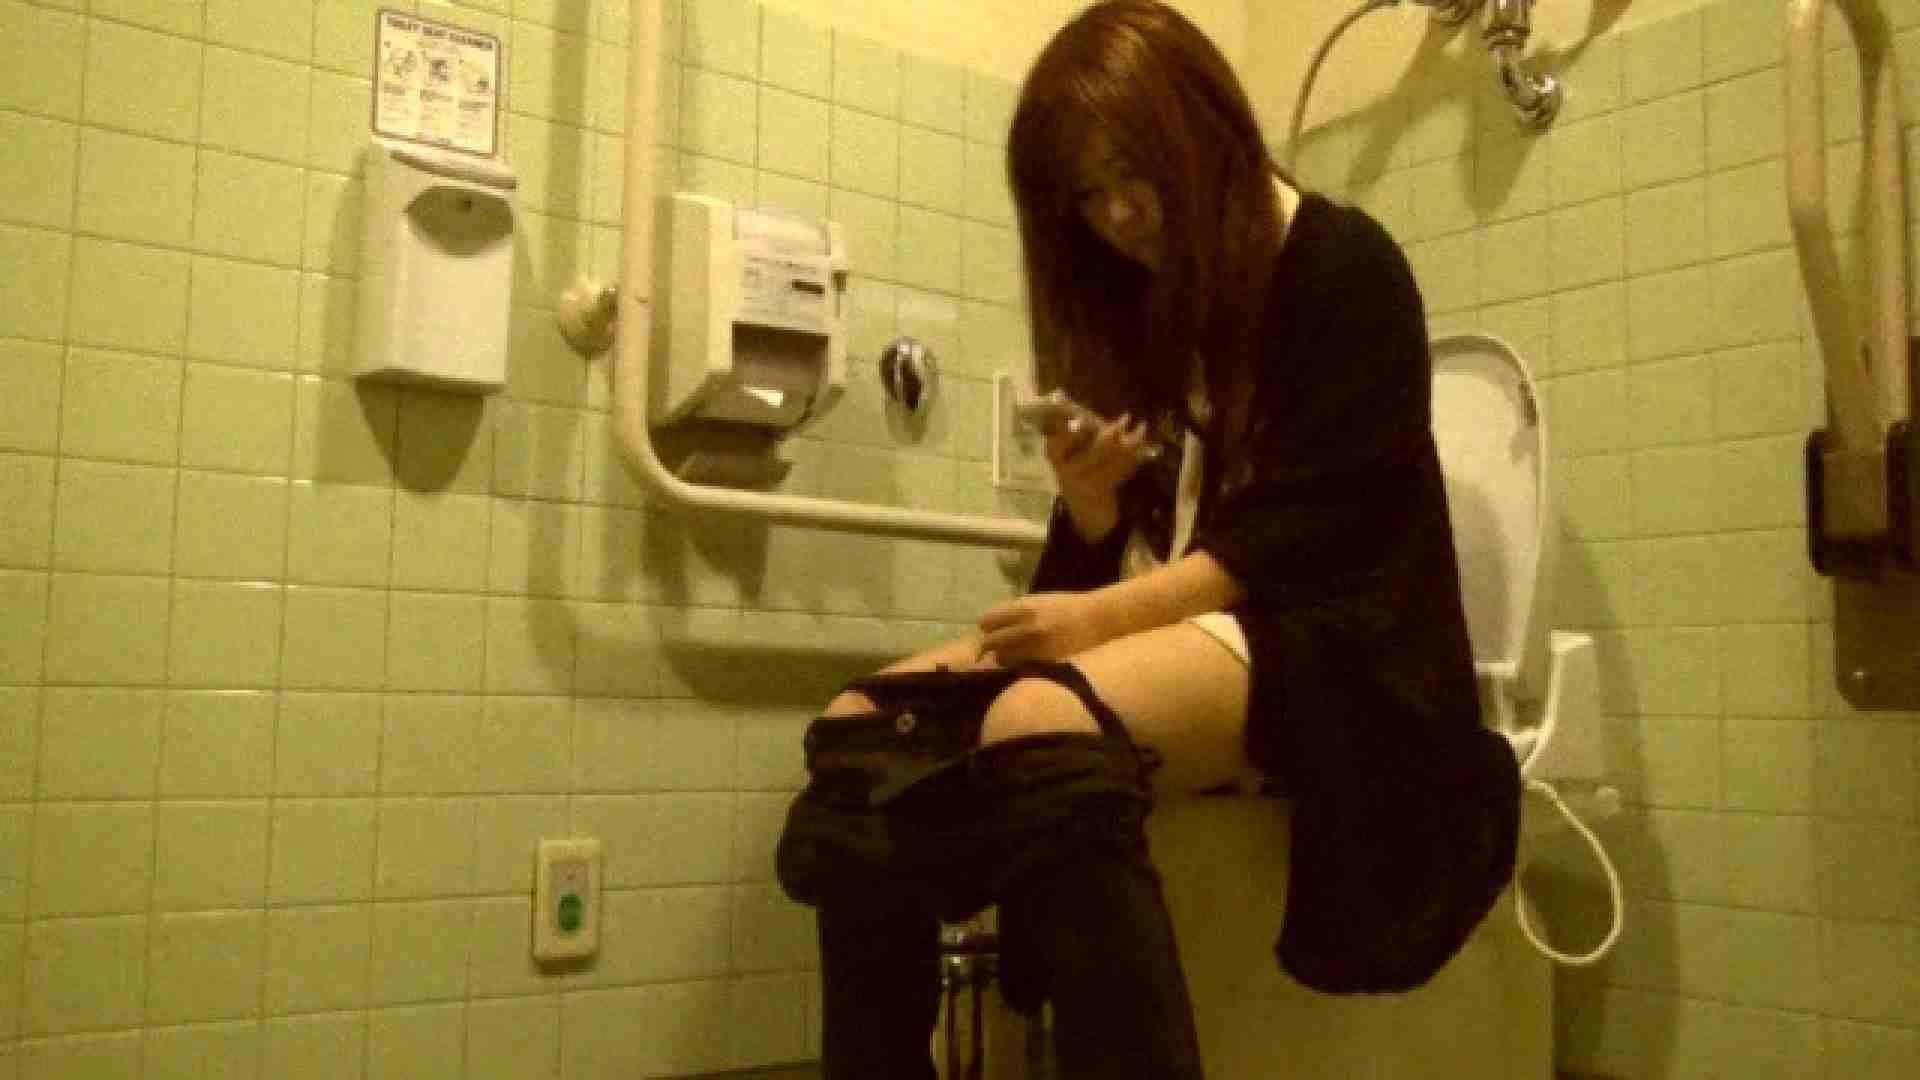 魔術師の お・も・て・な・し vol.26 19歳のバーの店員さんの洗面所をしばし… 洗面所  60枚 38